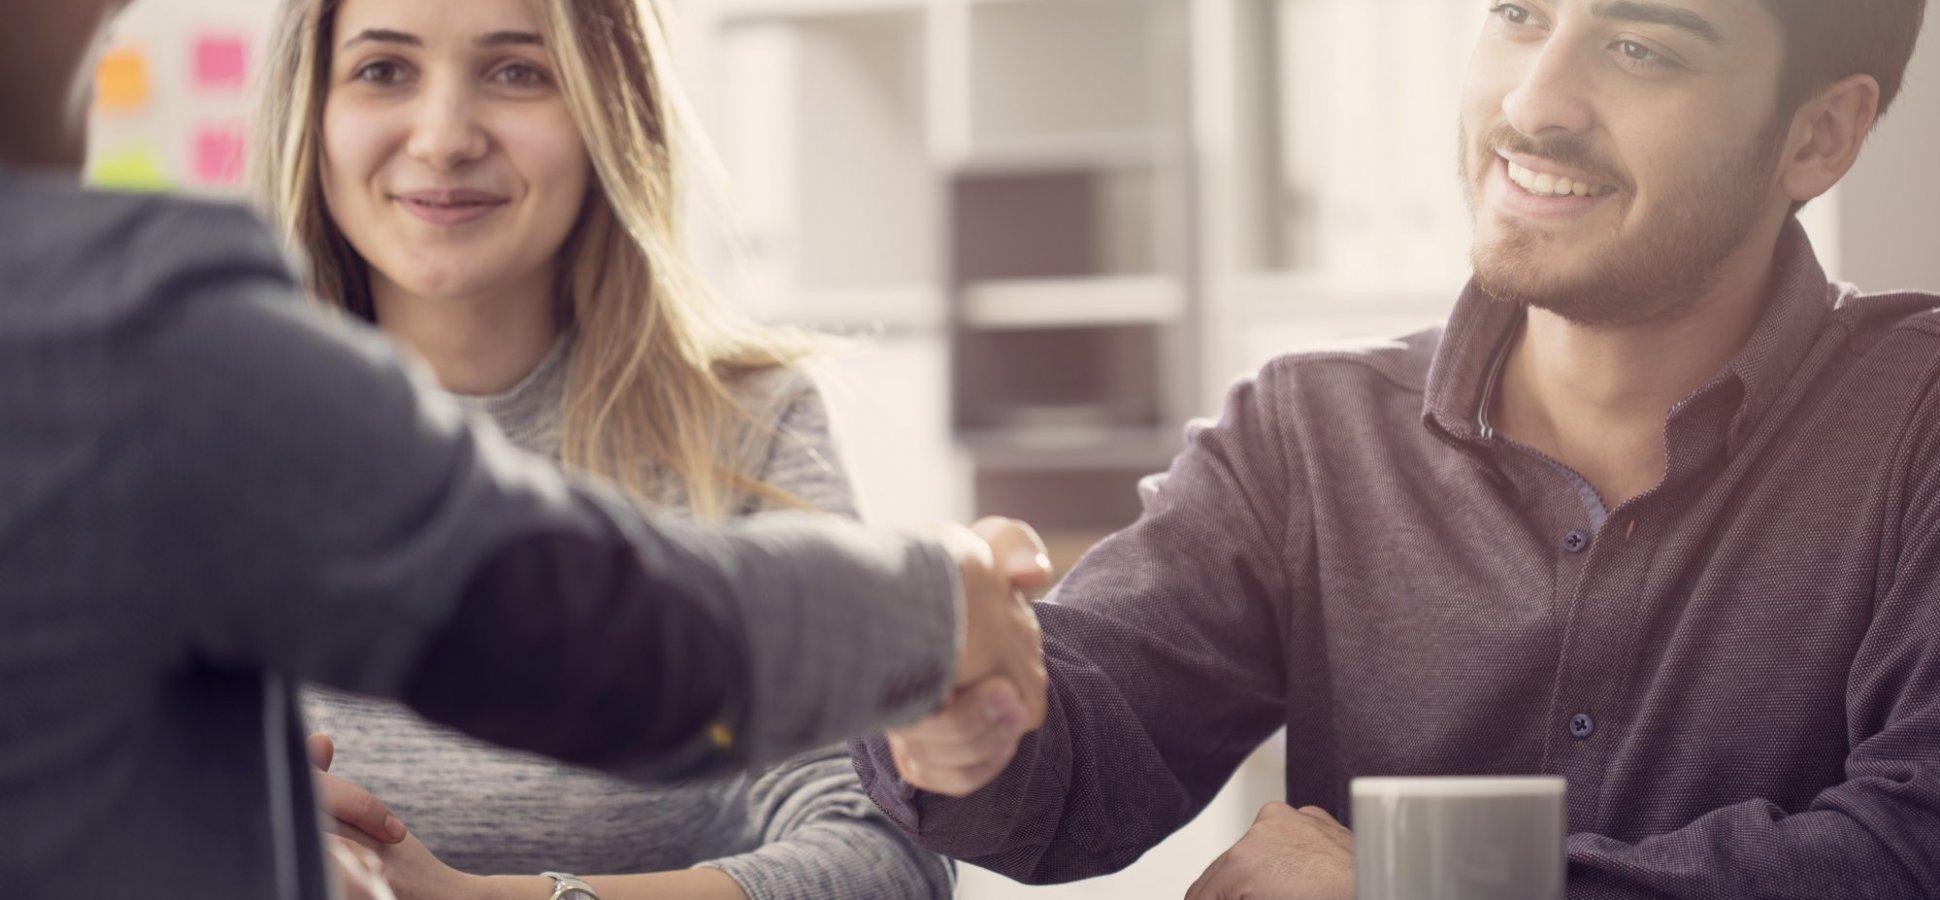 How to Nurture Customer Success